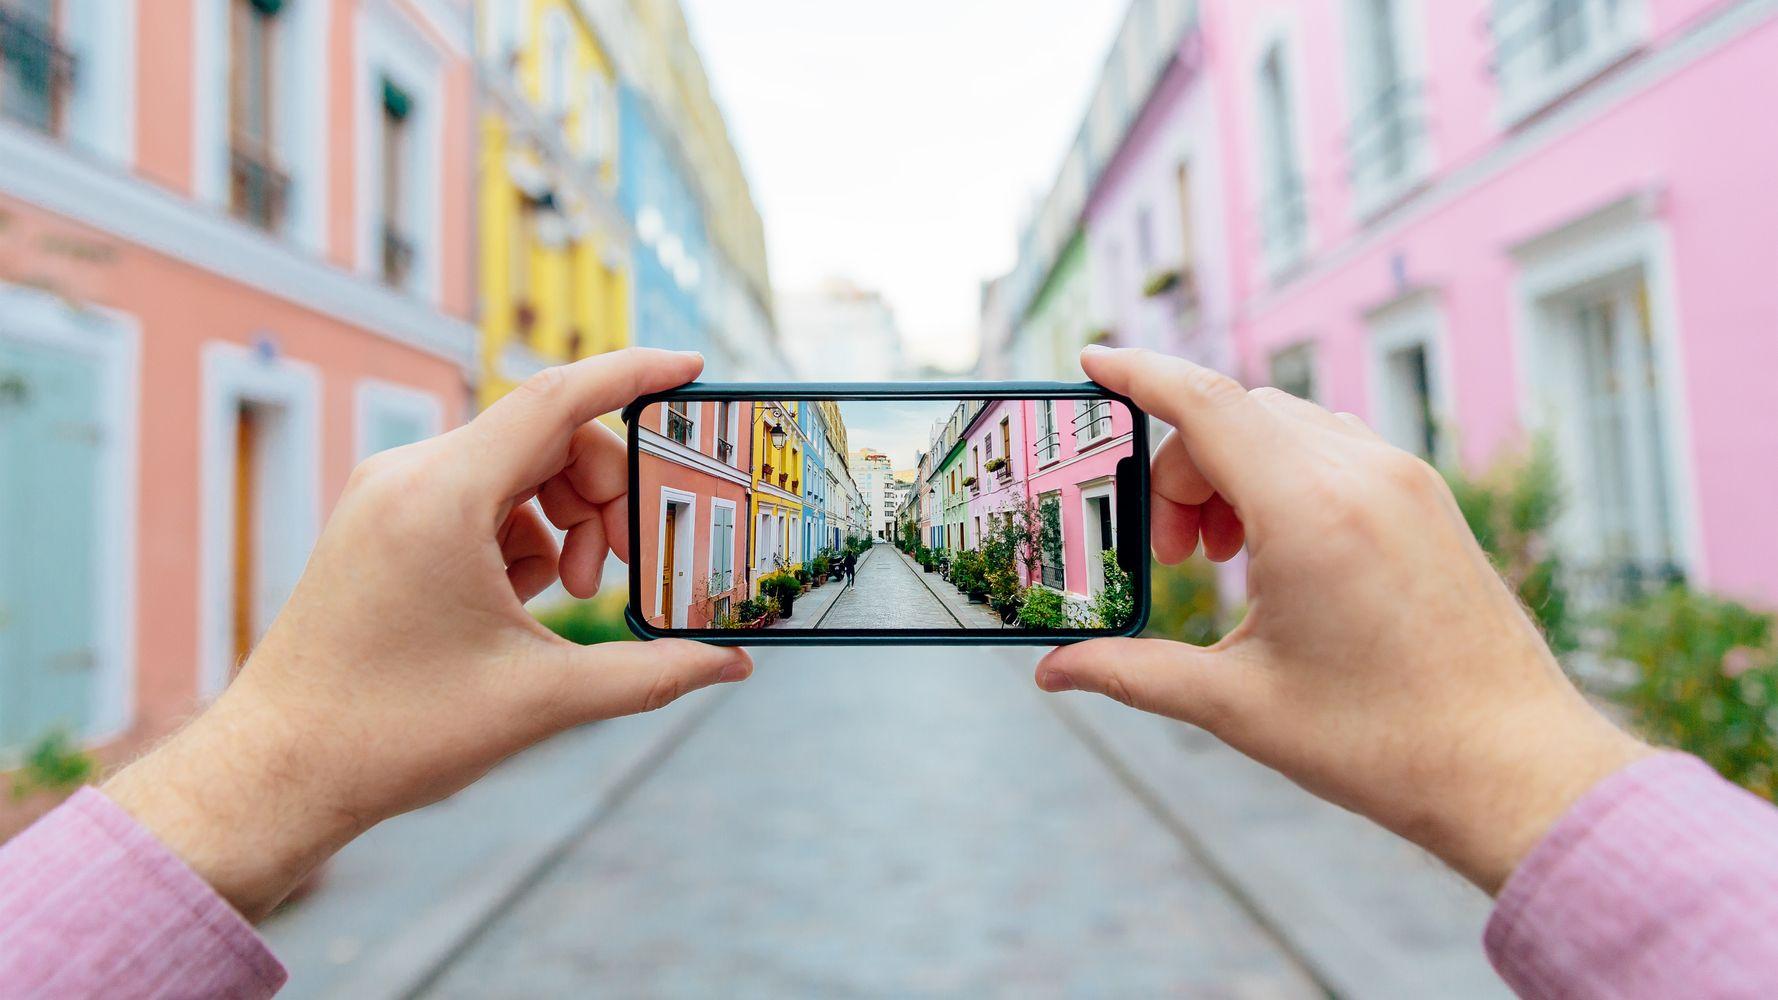 Les instagrammeurs compliquent terriblement la vie des petites villes touristiques